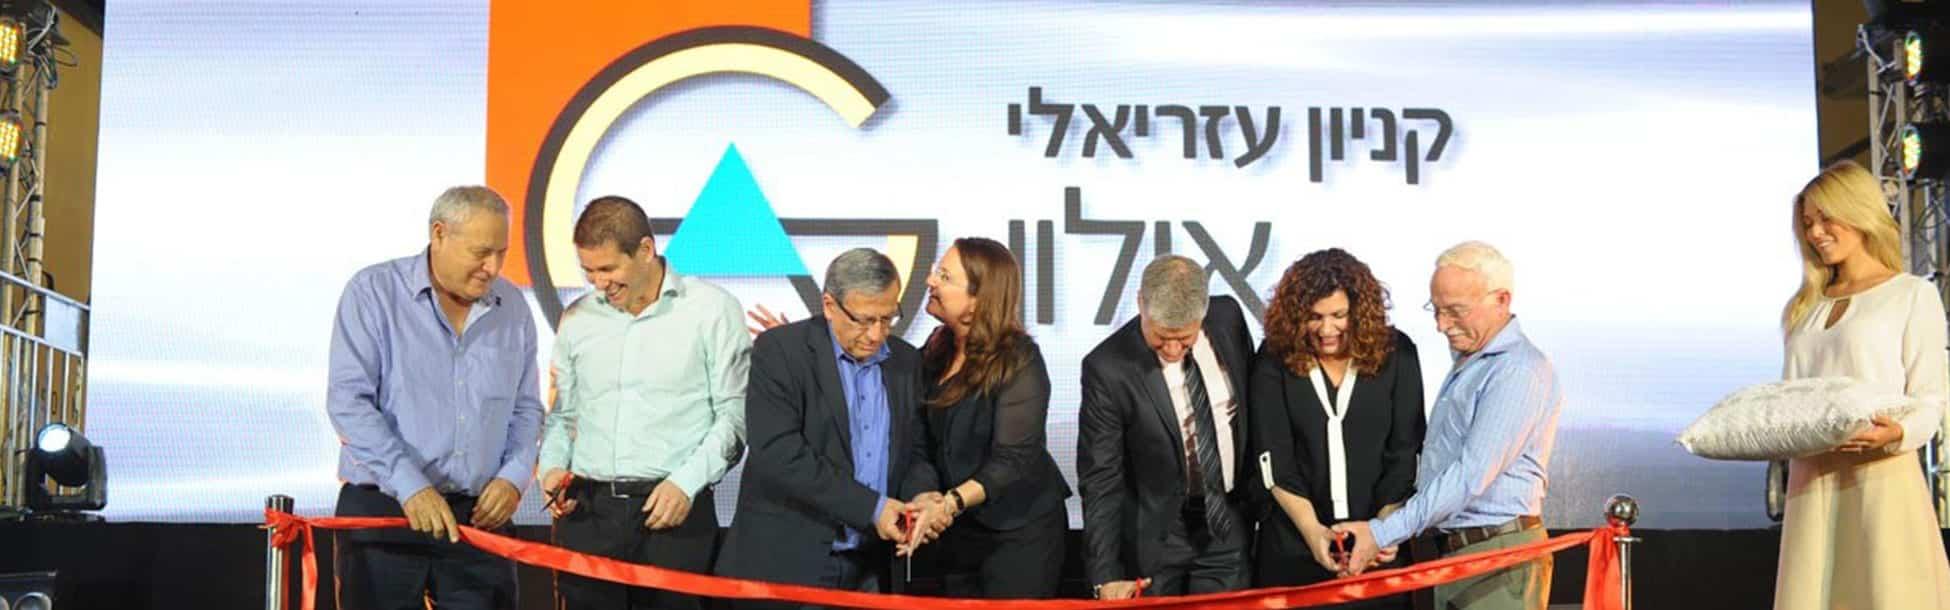 , נועה שוהם הפקות | המרכז הישראלי לאירועים